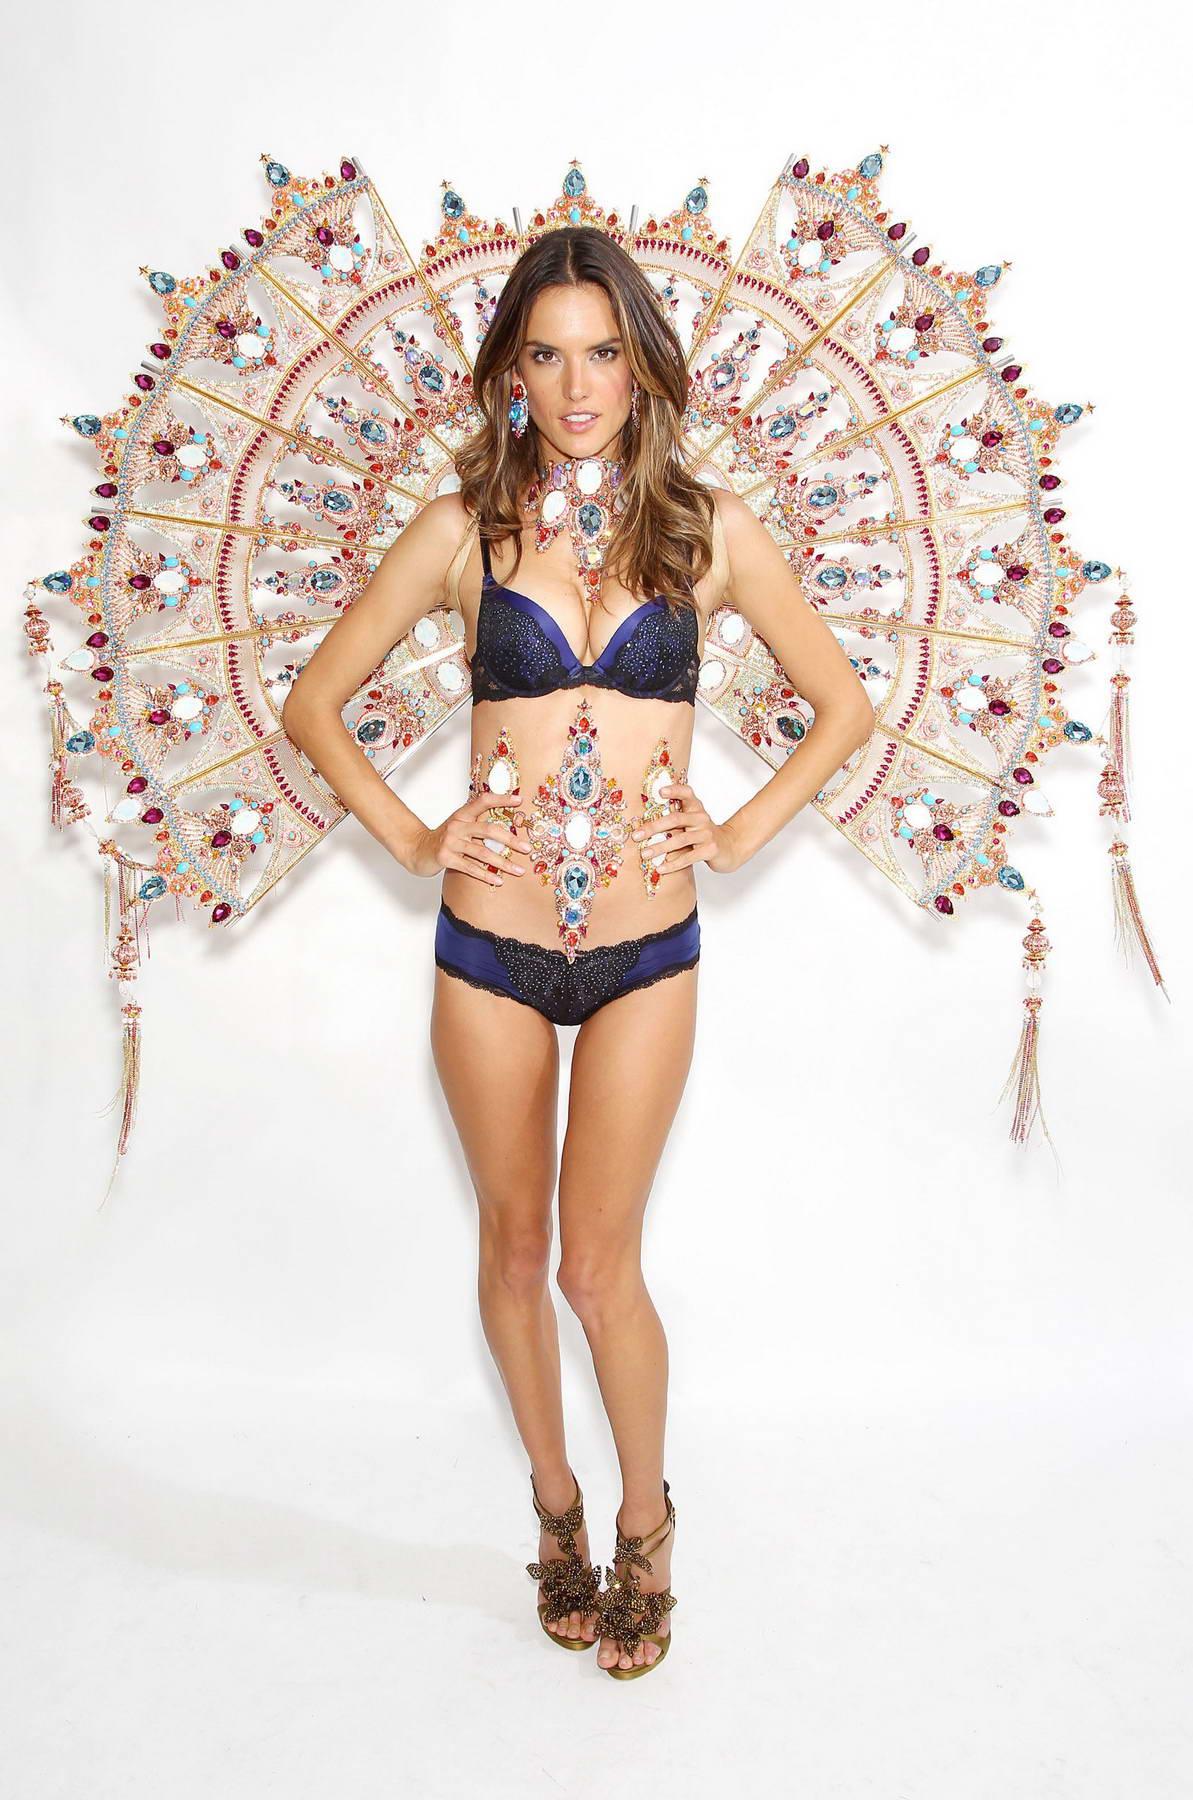 f0e97e19961 Alessandra Ambrosio at Victoria s Secret Fashion Show 2011 Fittings ...